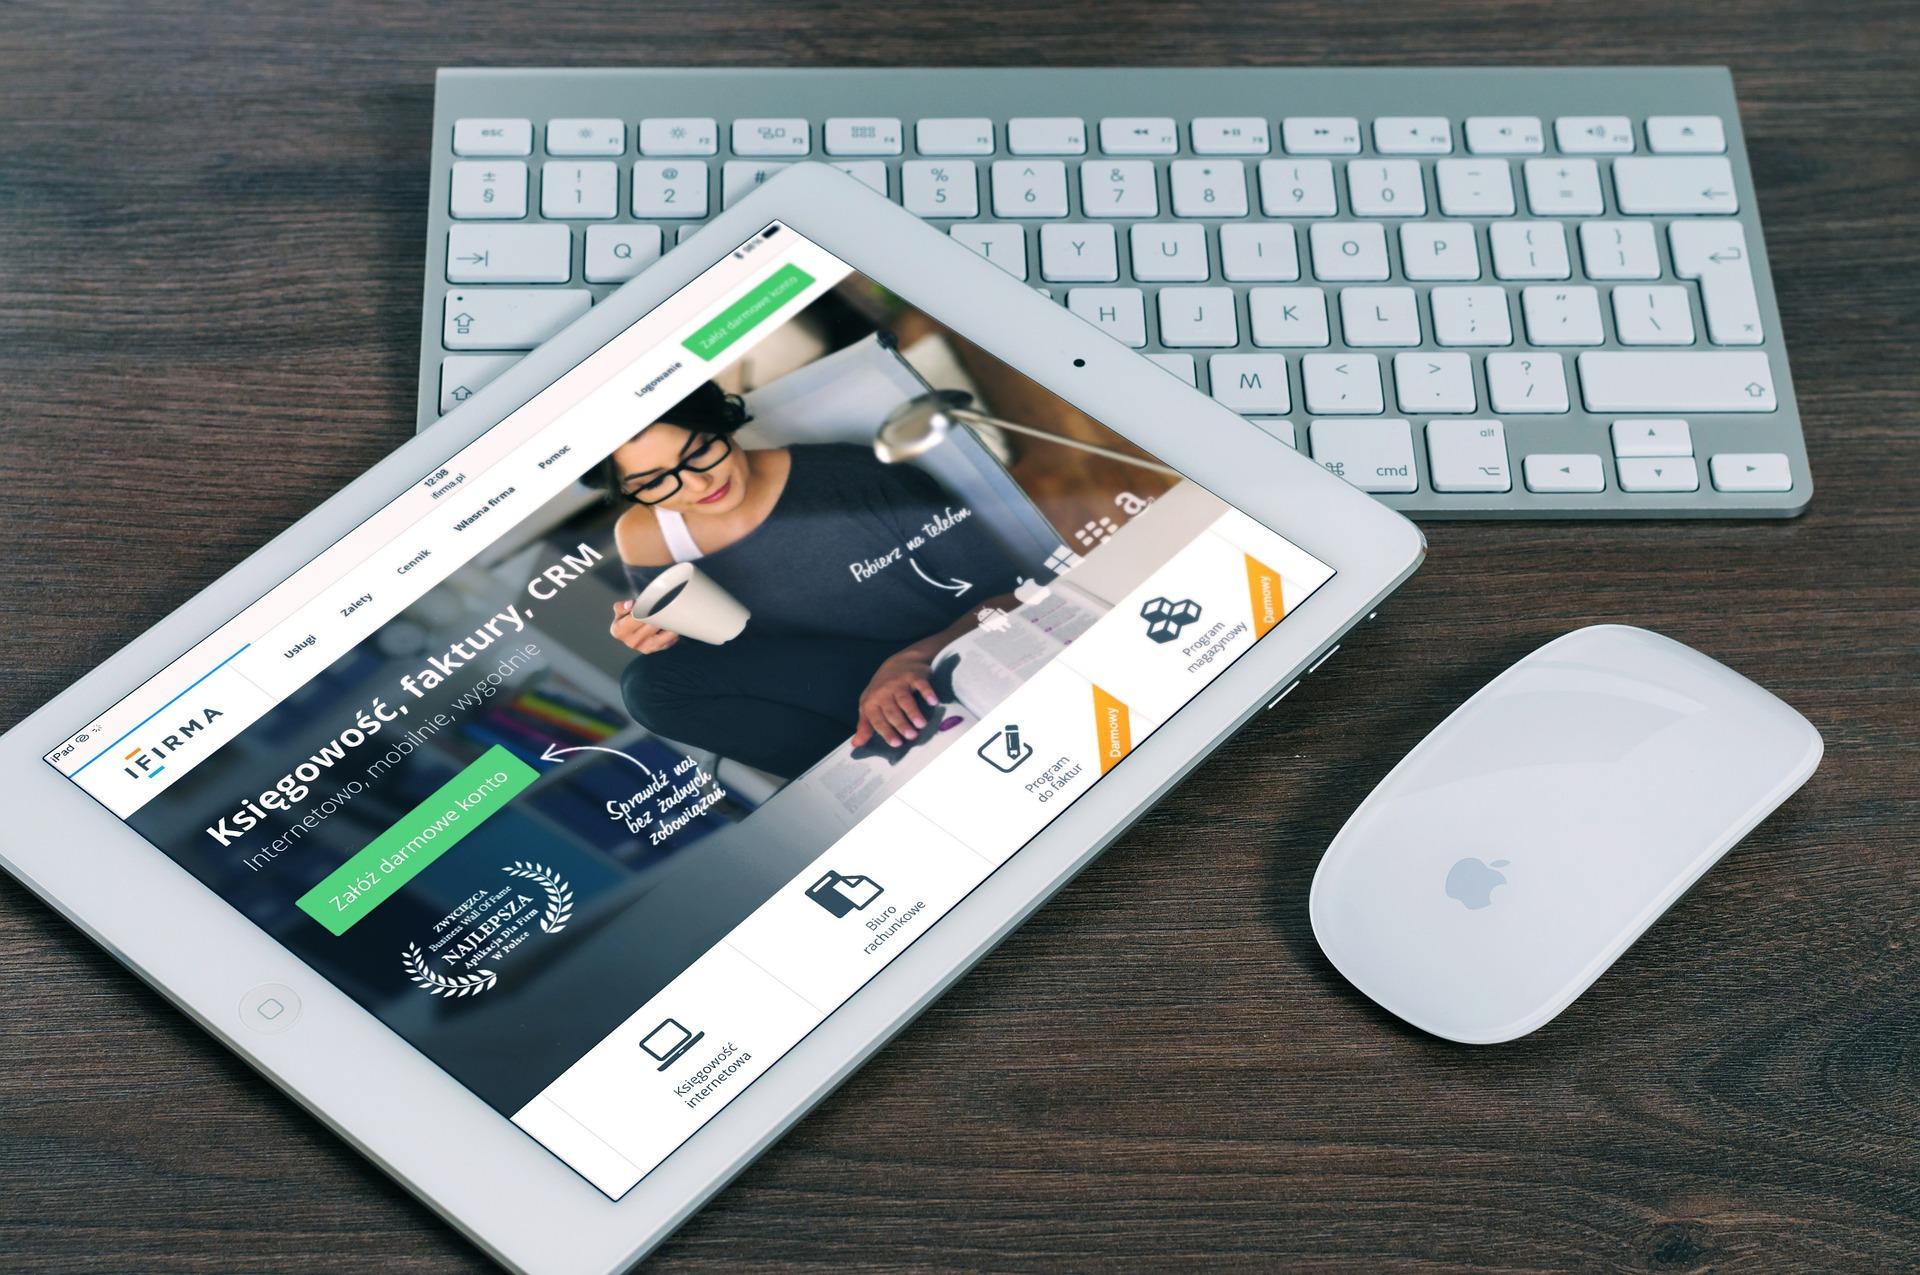 iPadとスマートキーボードがある画像